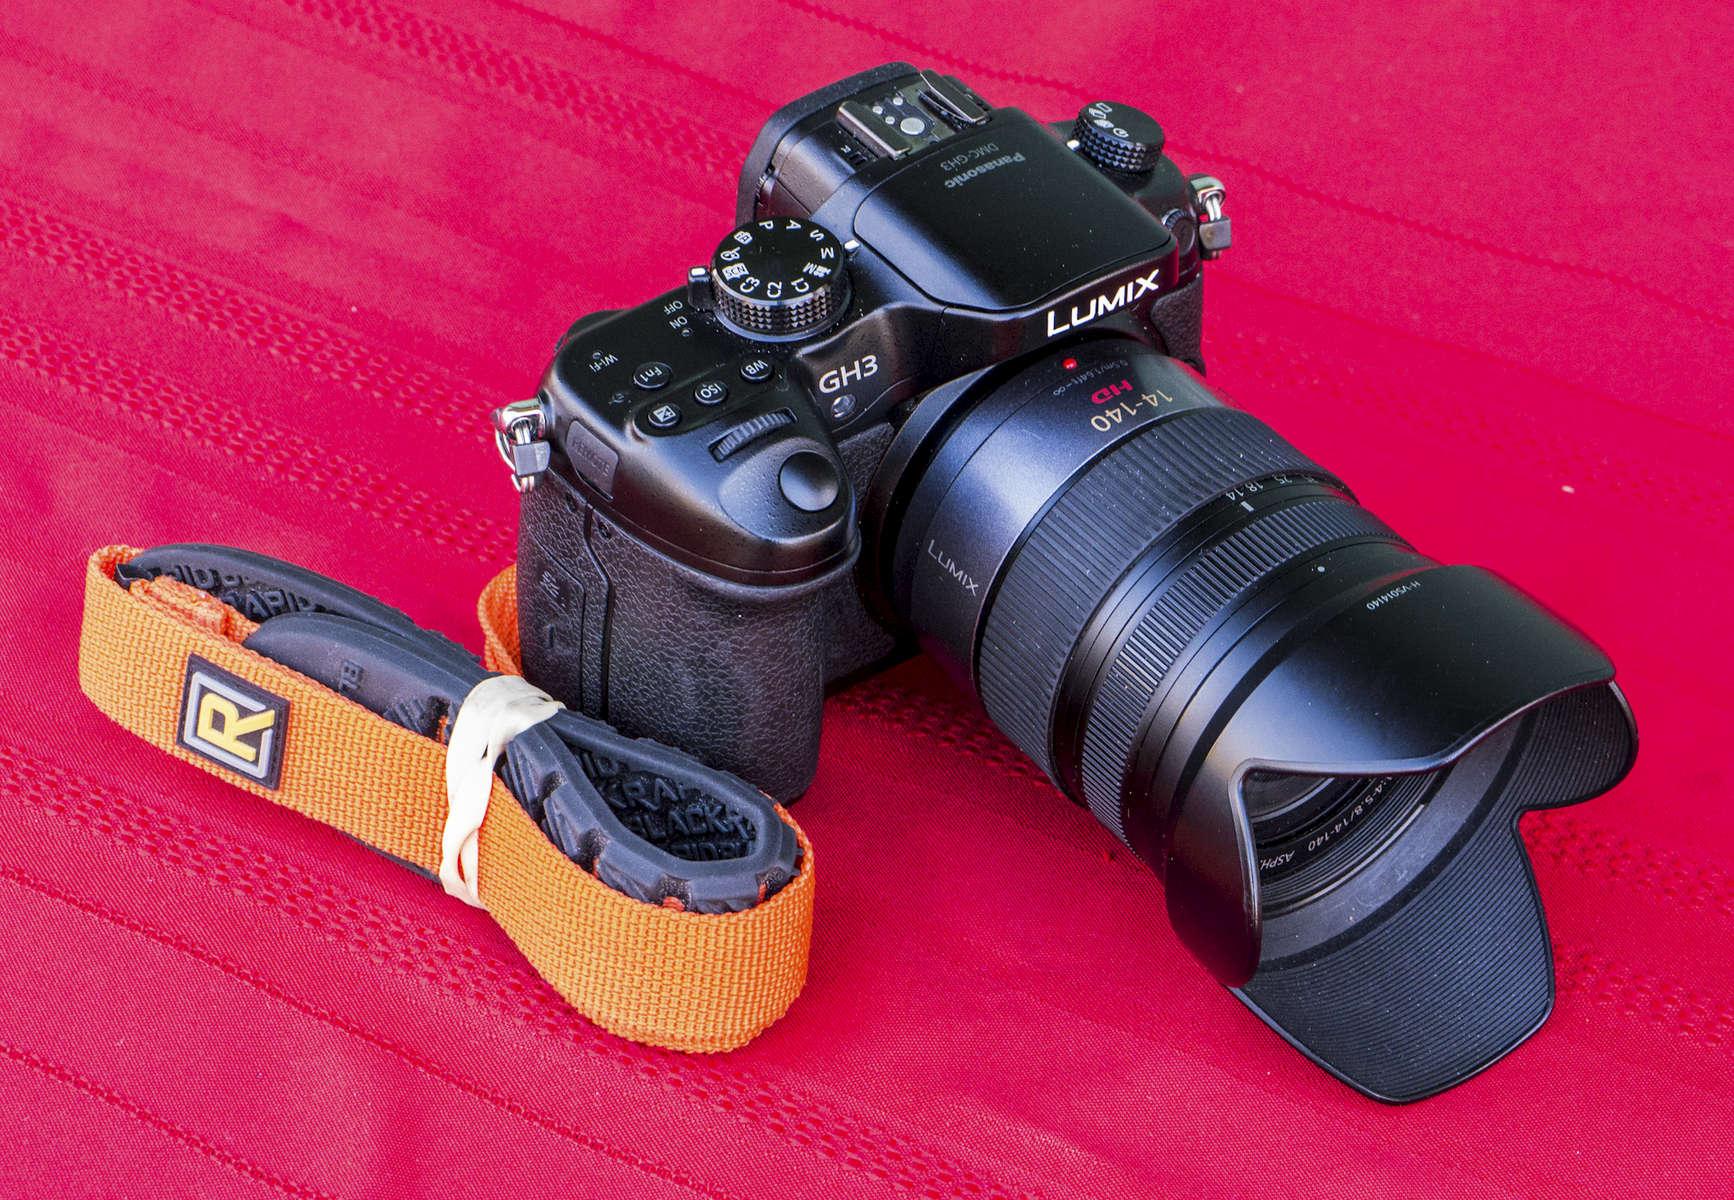 http://shop.panasonic.com/cameras-and-camcorders/cameras/lumix-interchangeable-lens-ilc-cameras/DMC-GH4KBODY.html